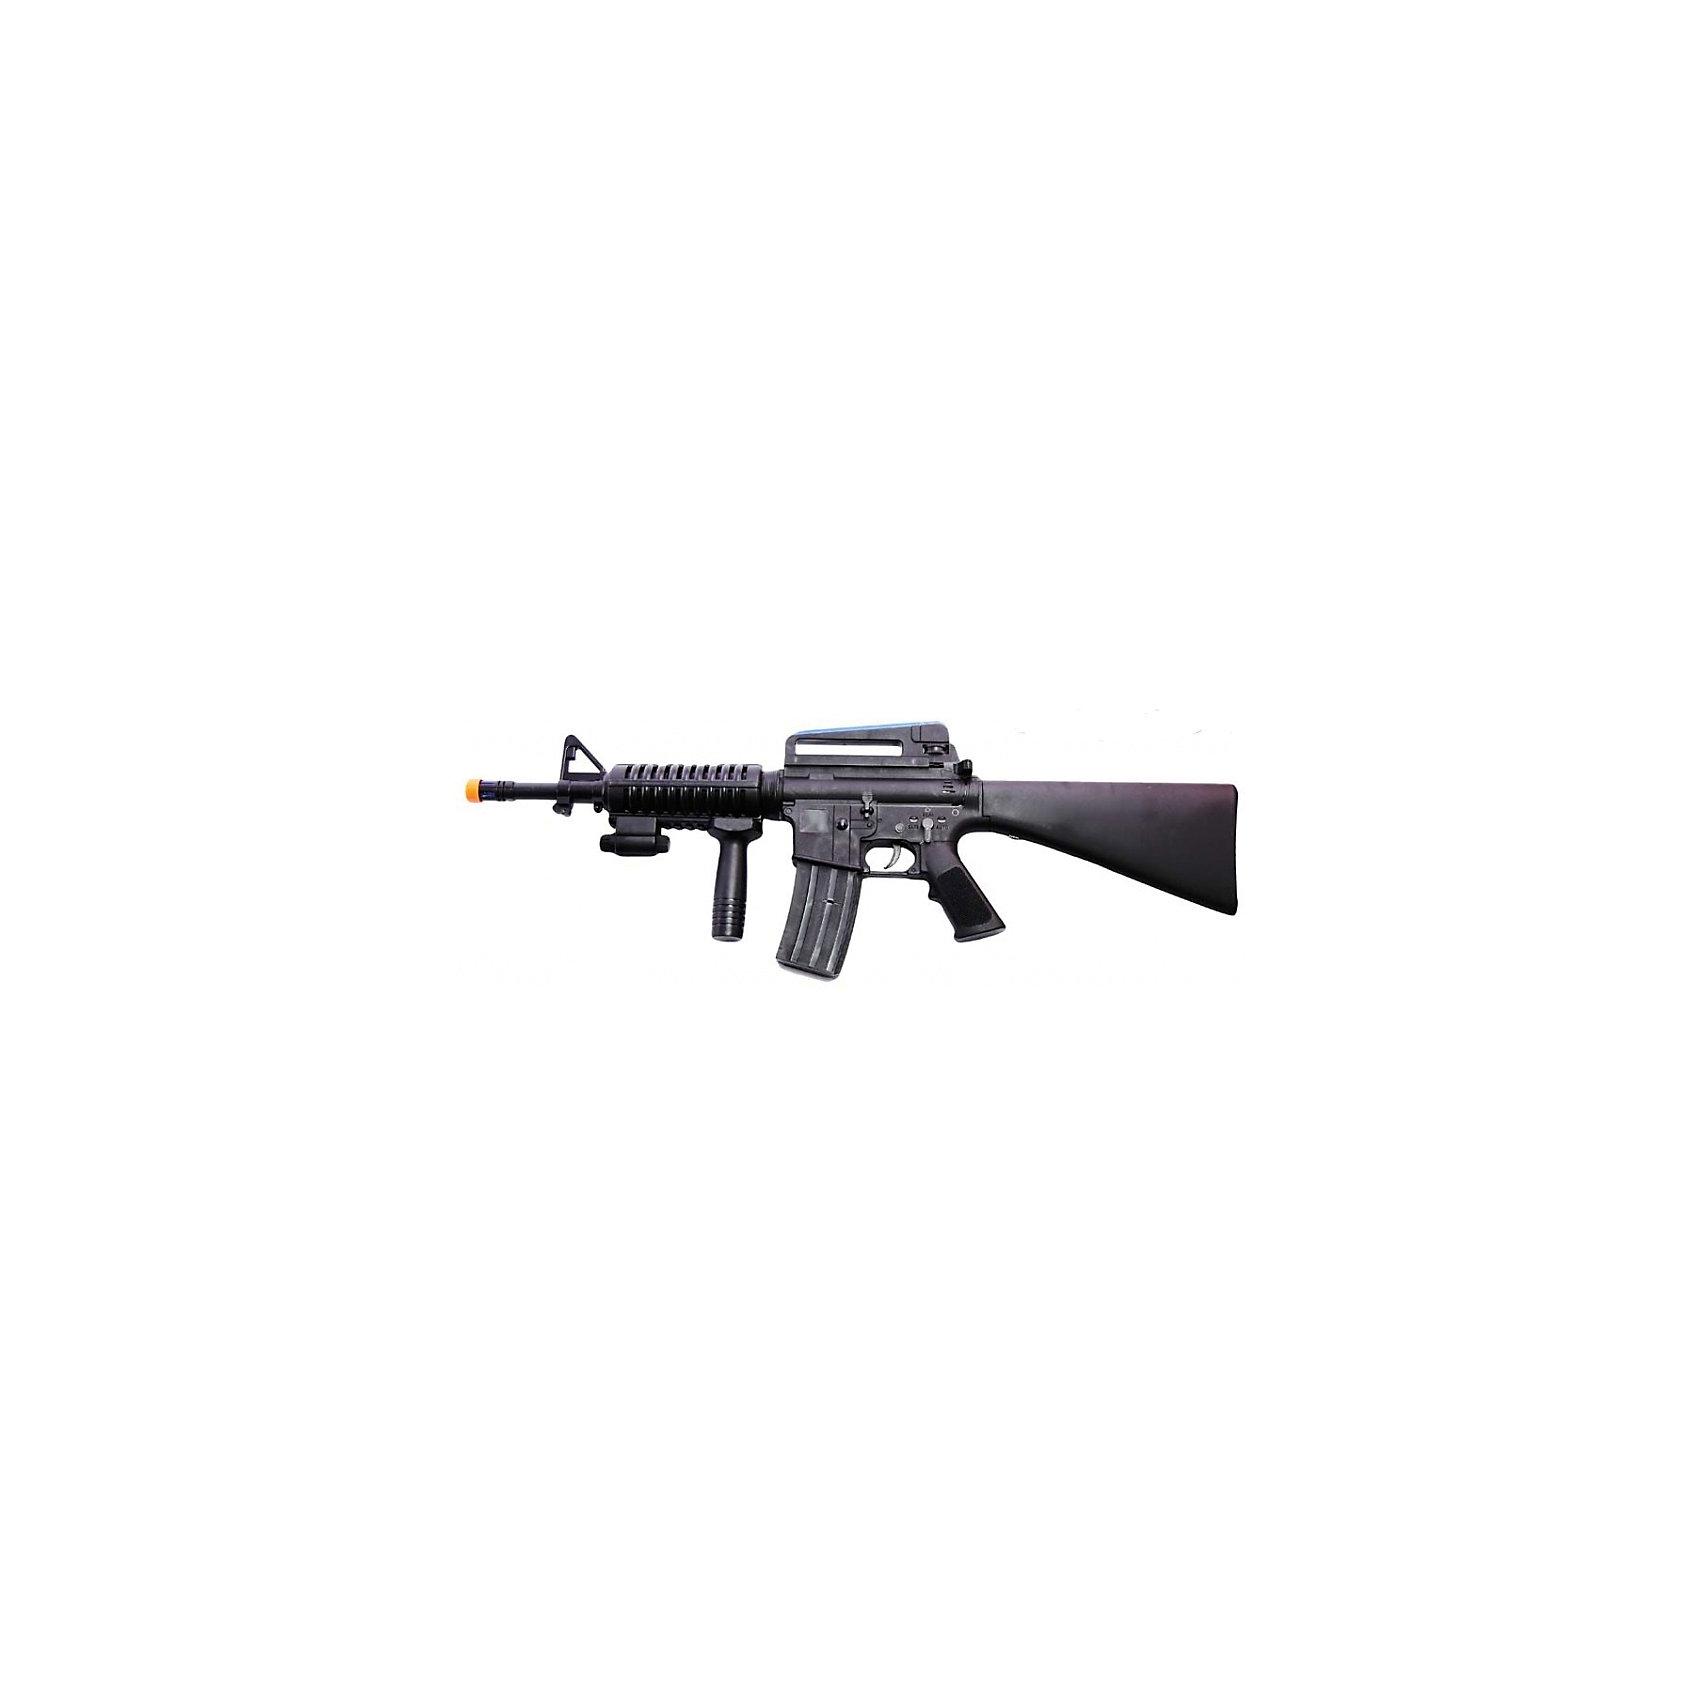 Автомат Вооружение спецназа, со звуком и светом, Mioshi ArmyБластеры, пистолеты и прочее<br>Автомат со звуковыми эффектами, подсветкой и режимом вибрации. Изготовлен из прочного пластика высокого качества. Почувствуй себя настоящим бойцом спецназа!  Материал: пластик. В комплект входят 4 батарейки типа АА<br><br>Ширина мм: 480<br>Глубина мм: 250<br>Высота мм: 50<br>Вес г: 846<br>Возраст от месяцев: 36<br>Возраст до месяцев: 72<br>Пол: Мужской<br>Возраст: Детский<br>SKU: 4342842